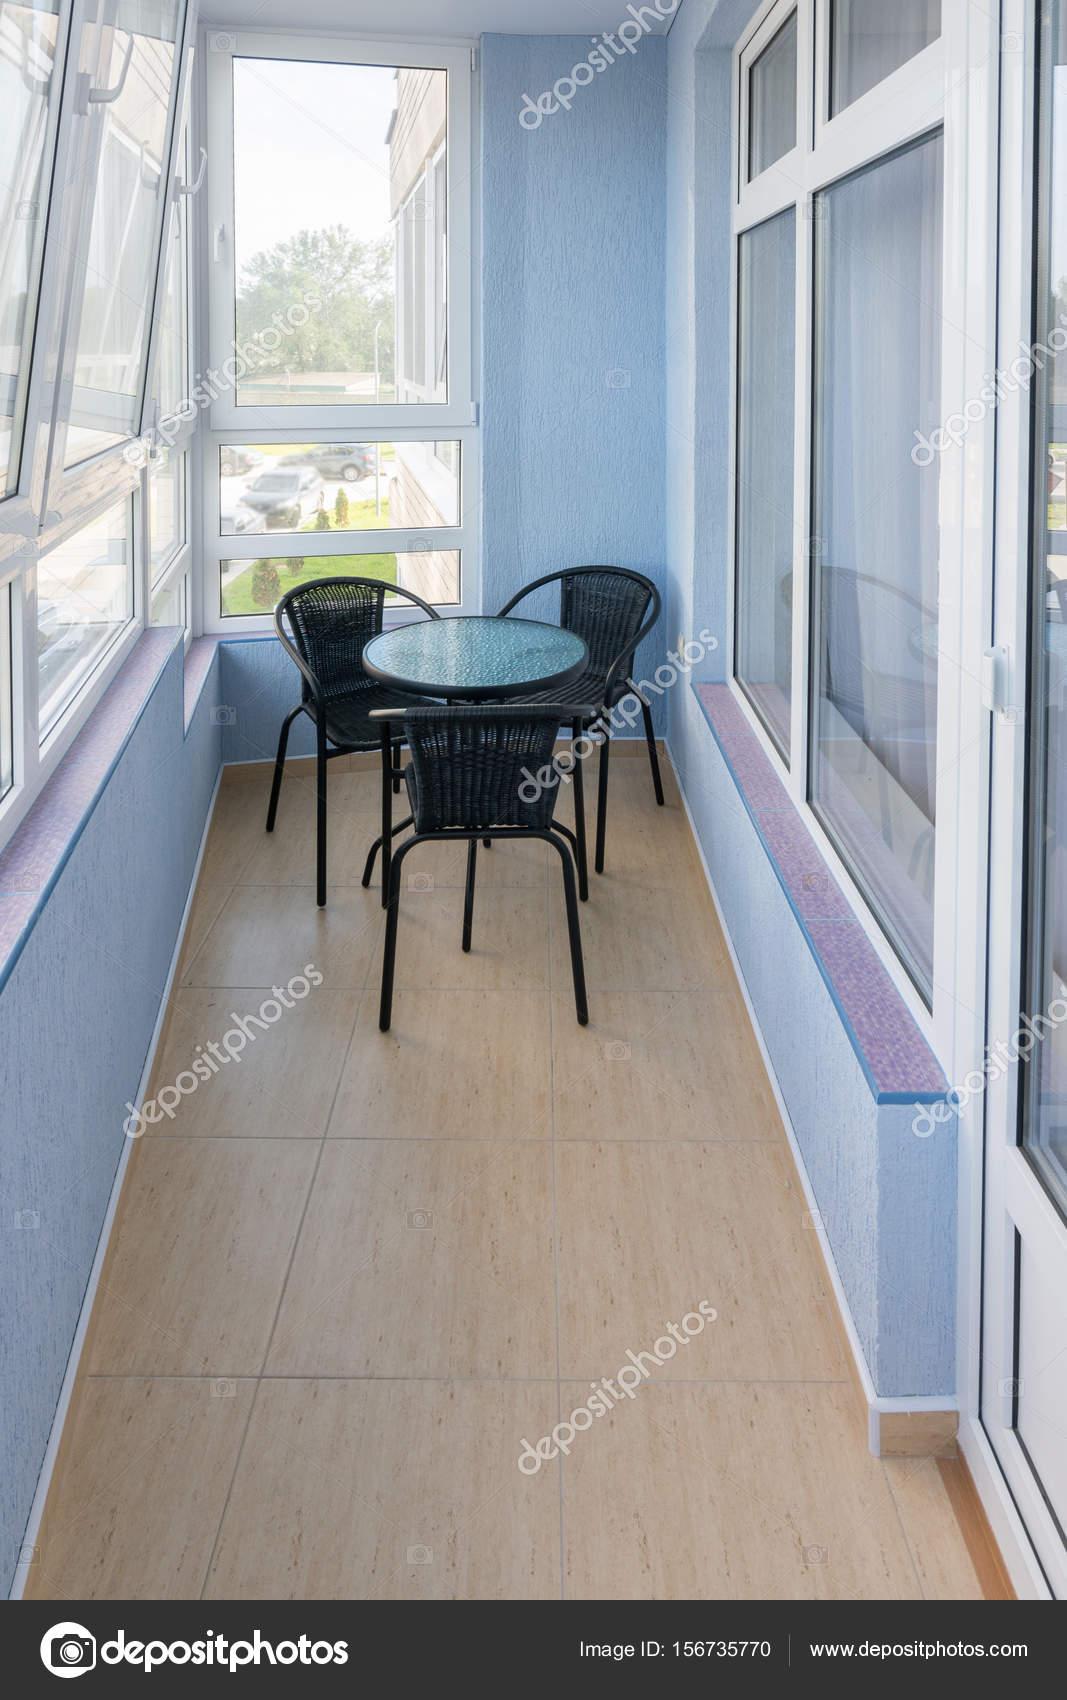 C Modo Balc N En El Piso De Una Casa De Varios Pisos Foto De Stock  -> Fotos De Piso Para Casa